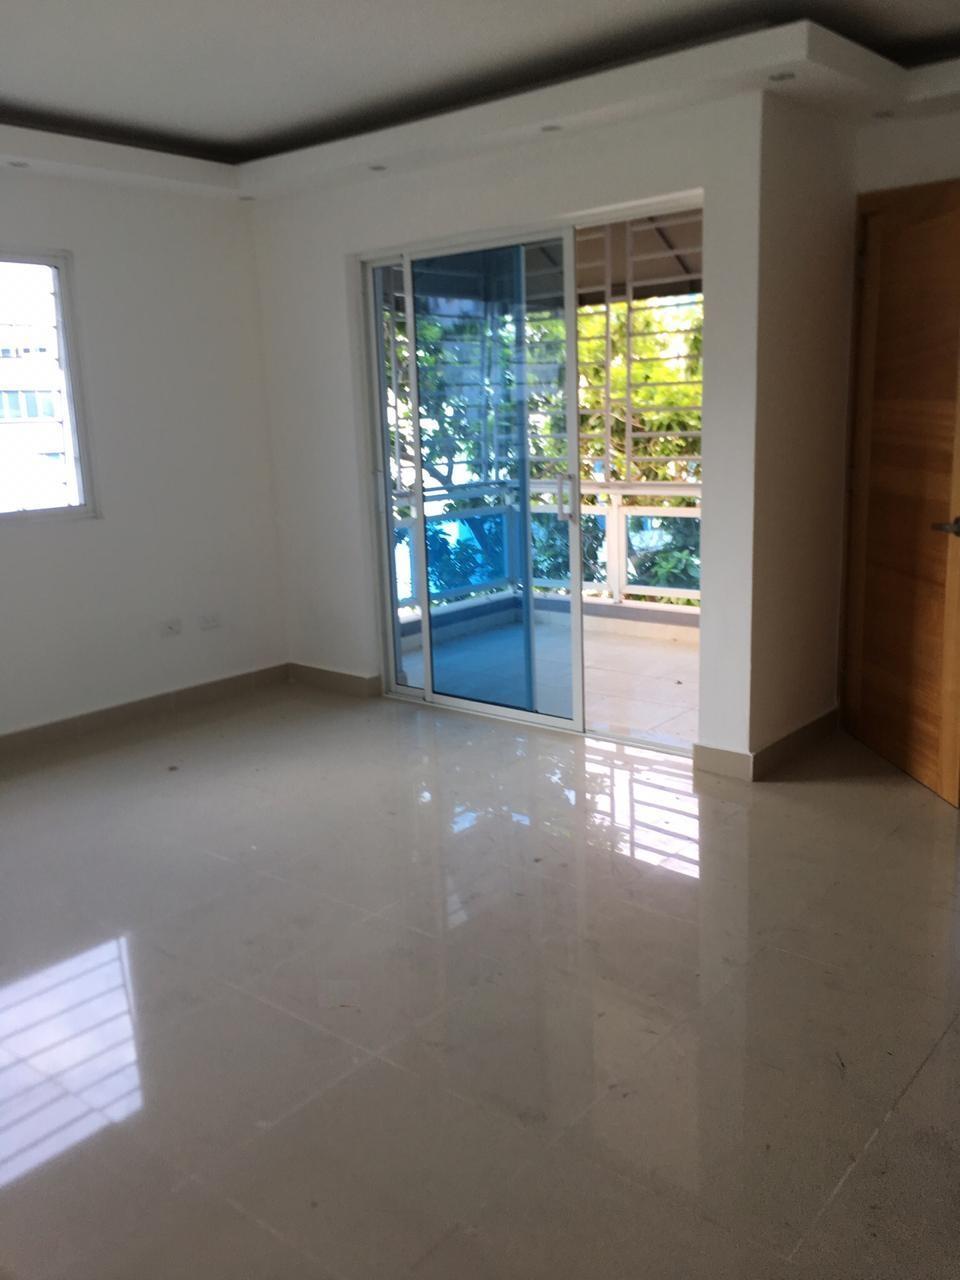 Apartamento en venta en el sector DON HONORIO precio RD$ 4,500,000.00 RD$4,500,000